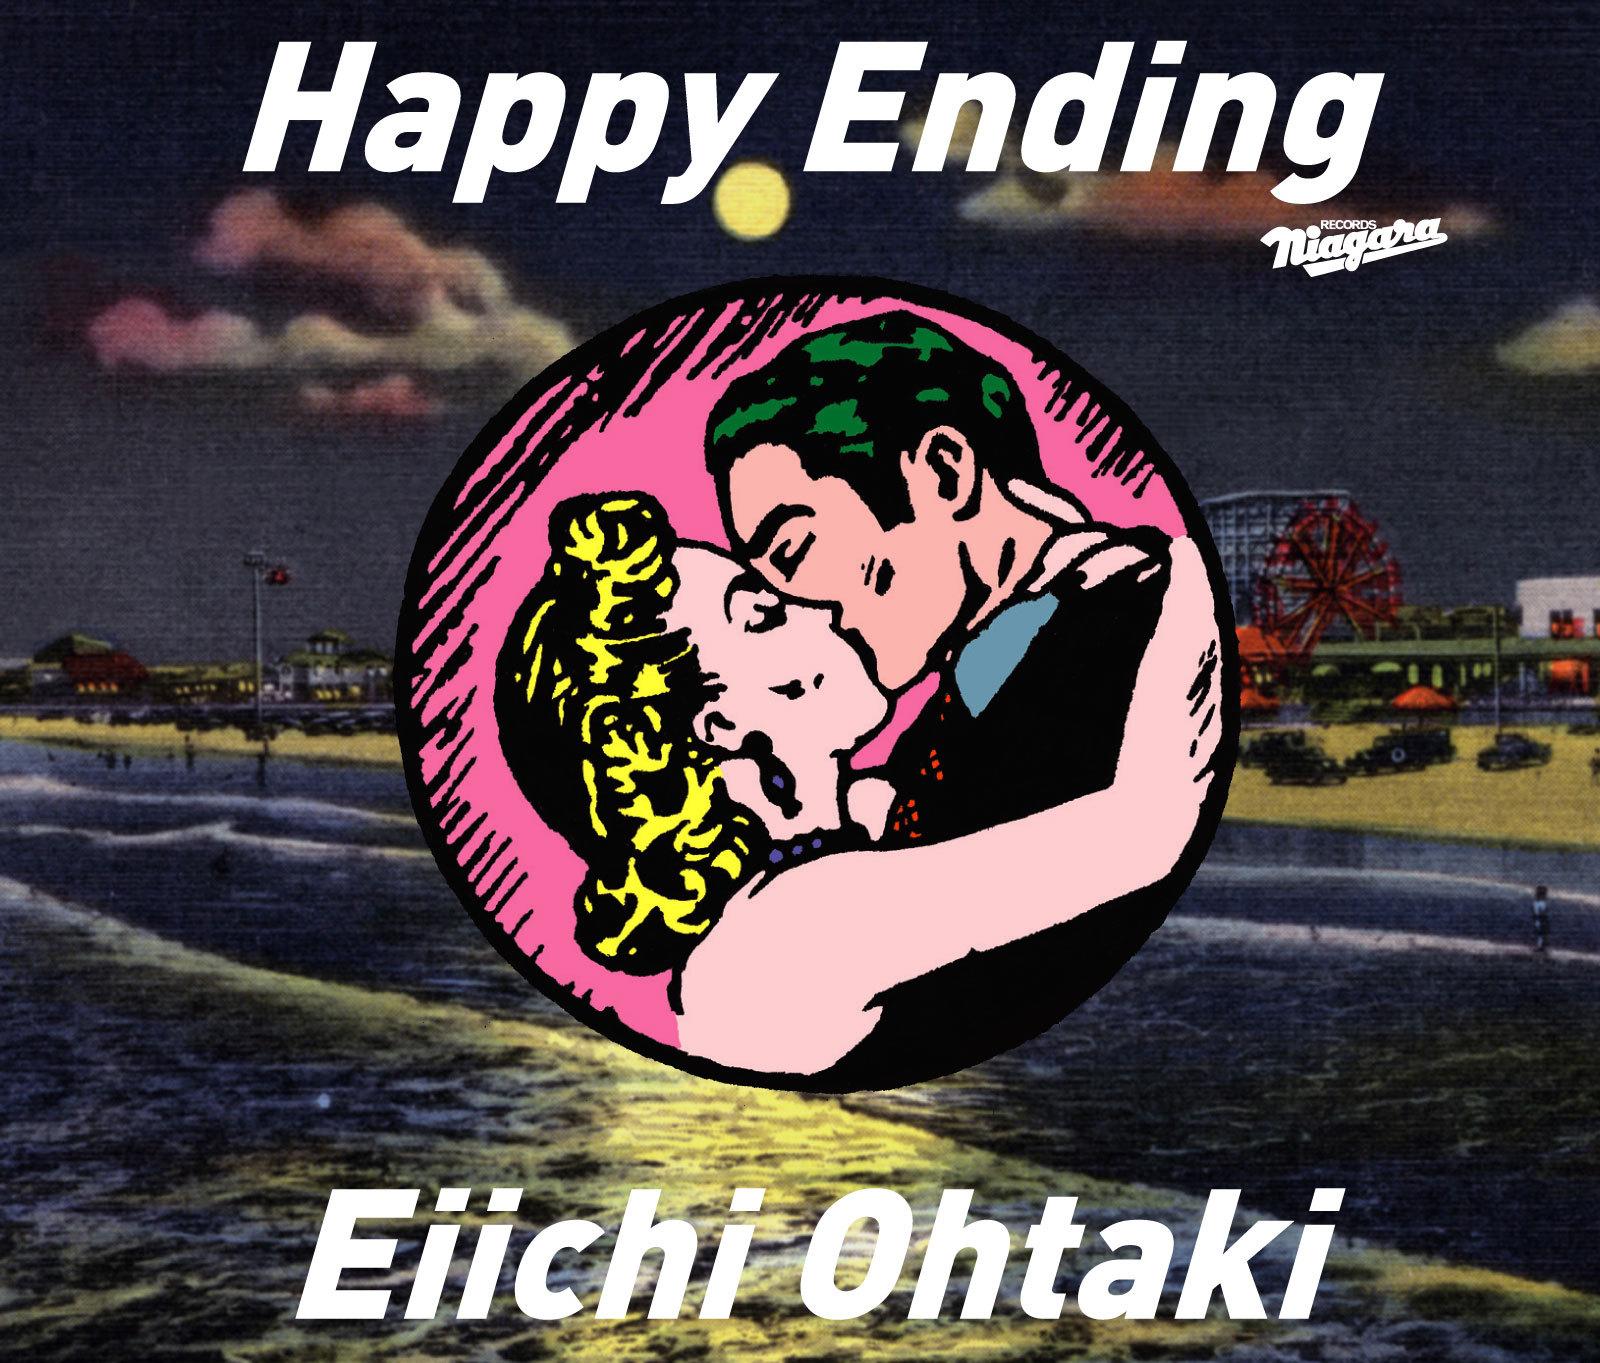 大滝詠一 (おおたきえいいち) デビュー50周年記念盤『Happy Ending』(初回生産限定盤) 高画質CDジャケット画像 (ジャケ写)